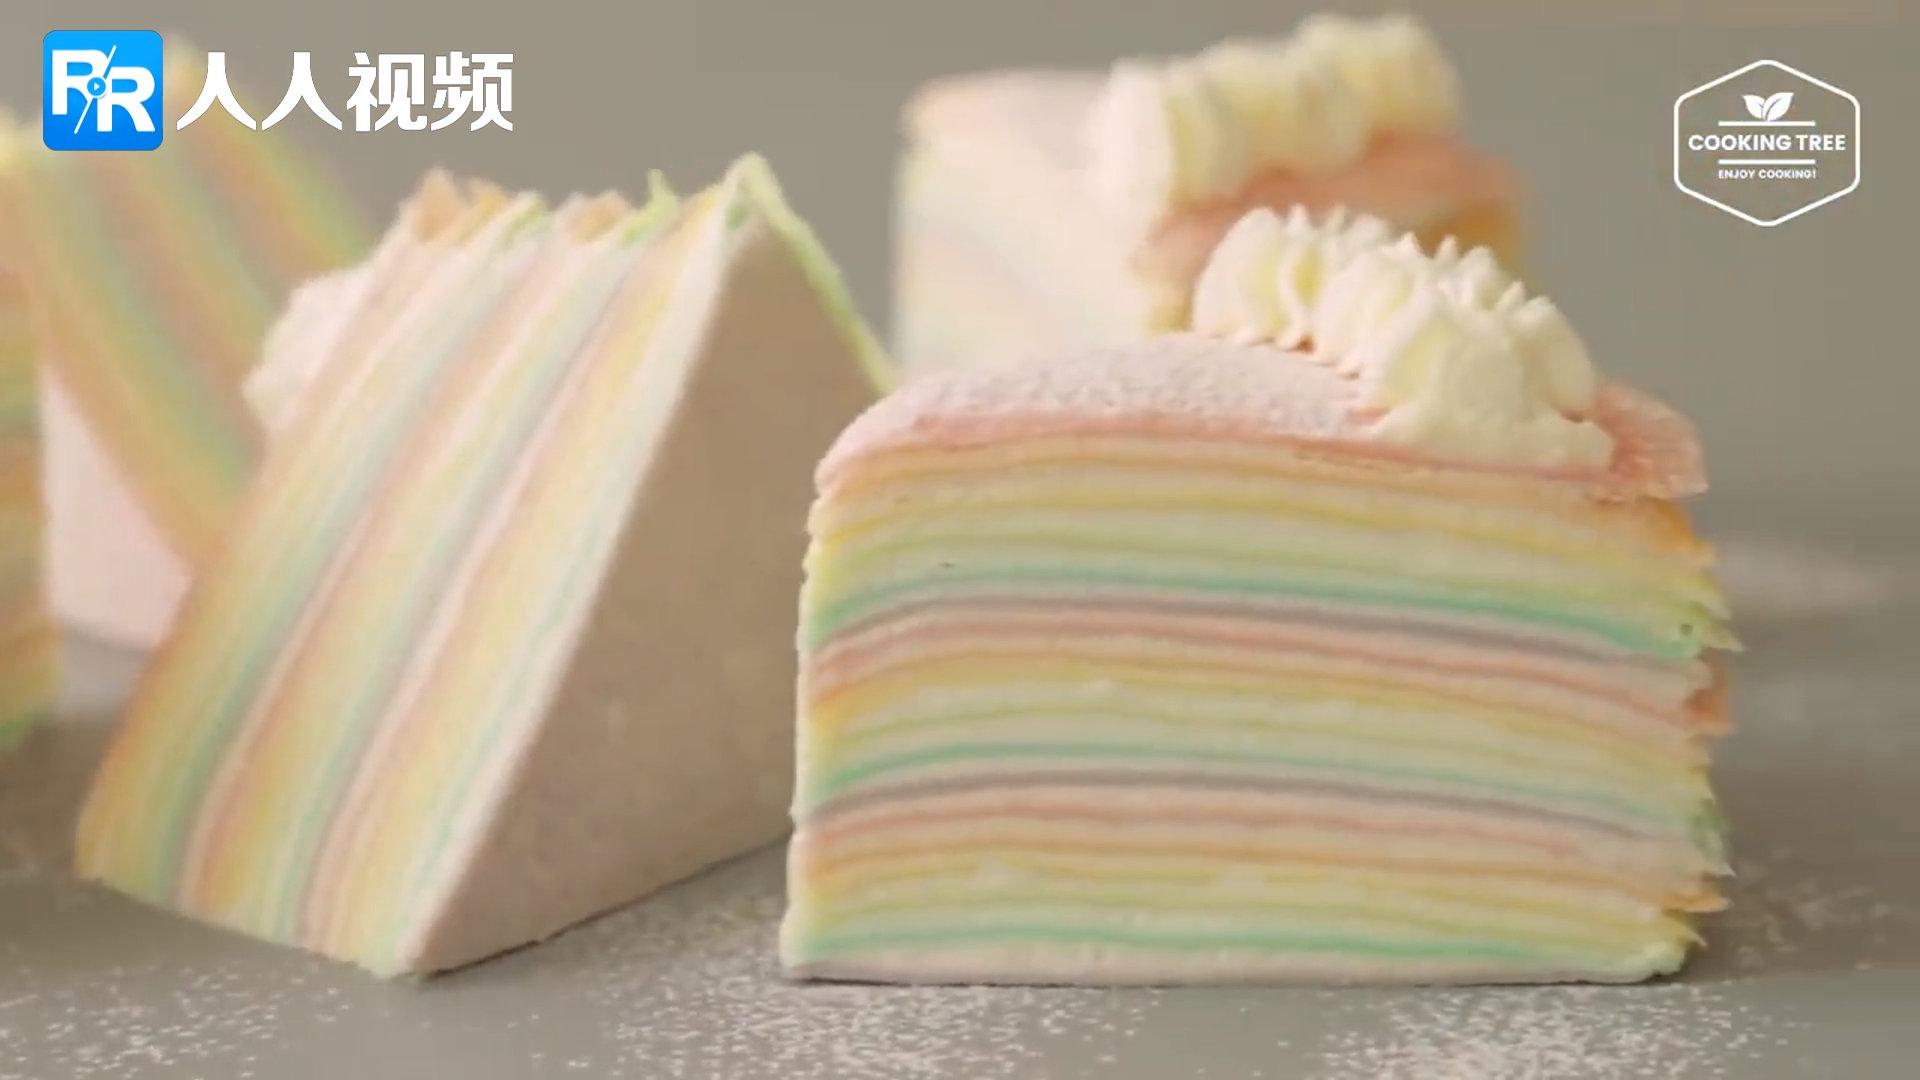 深夜放毒!超高颜值缤纷彩虹千层蛋糕,不仅治愈你的胃